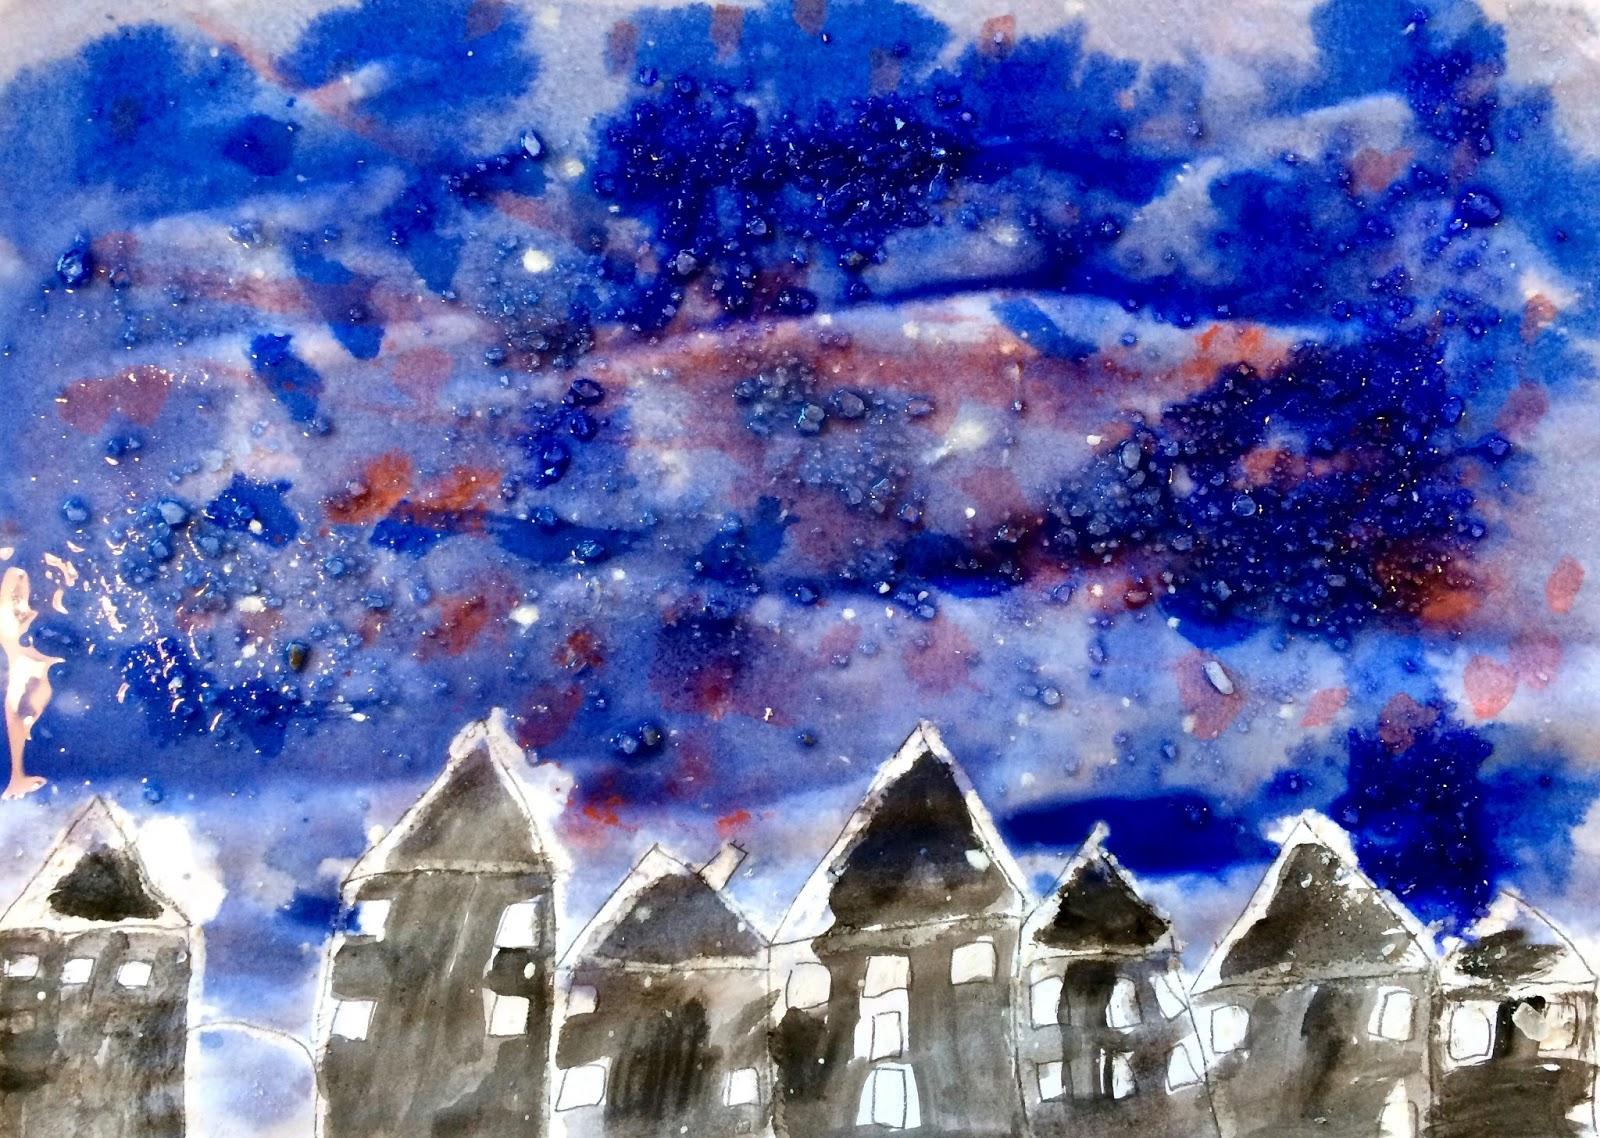 Orașul doarme sub zăpadă (ceară, sare)